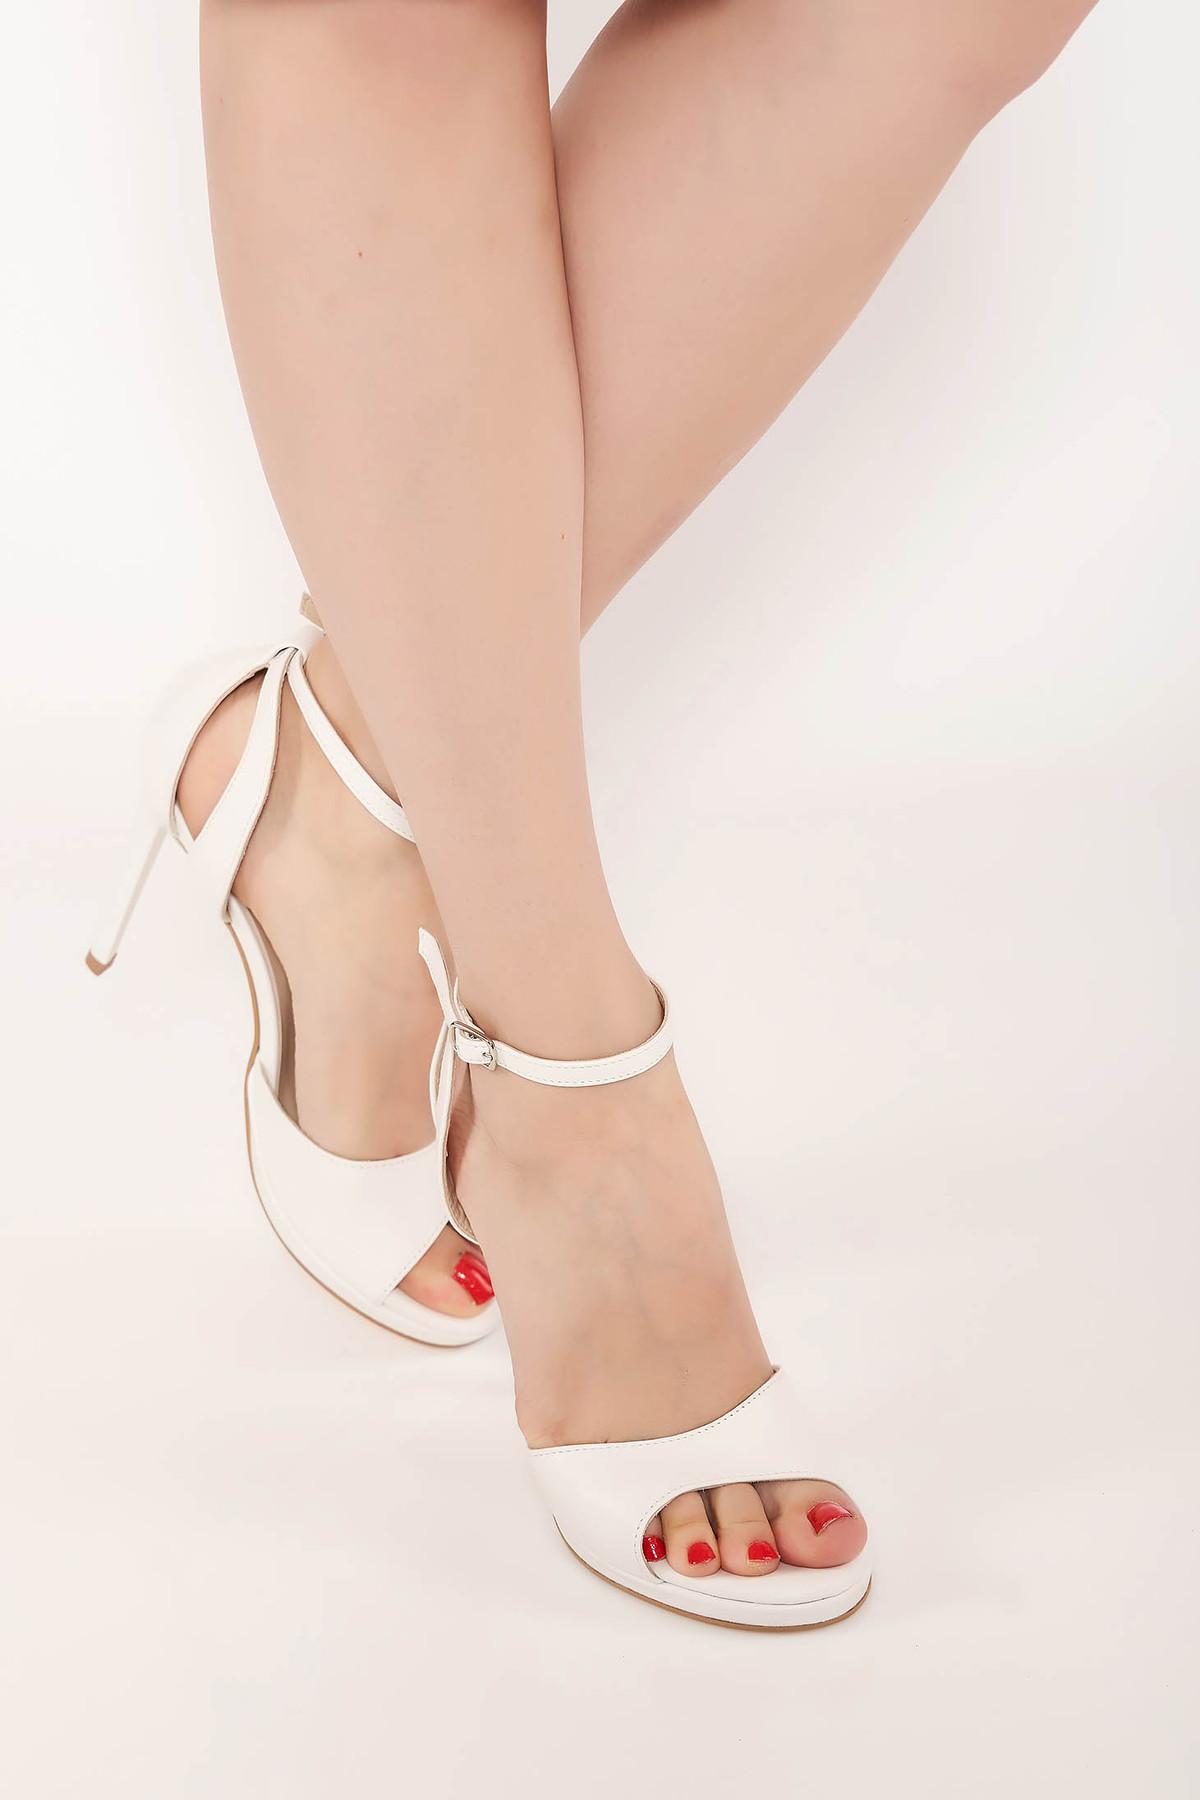 Sandale albe elegante cu toc inalt din piele naturala